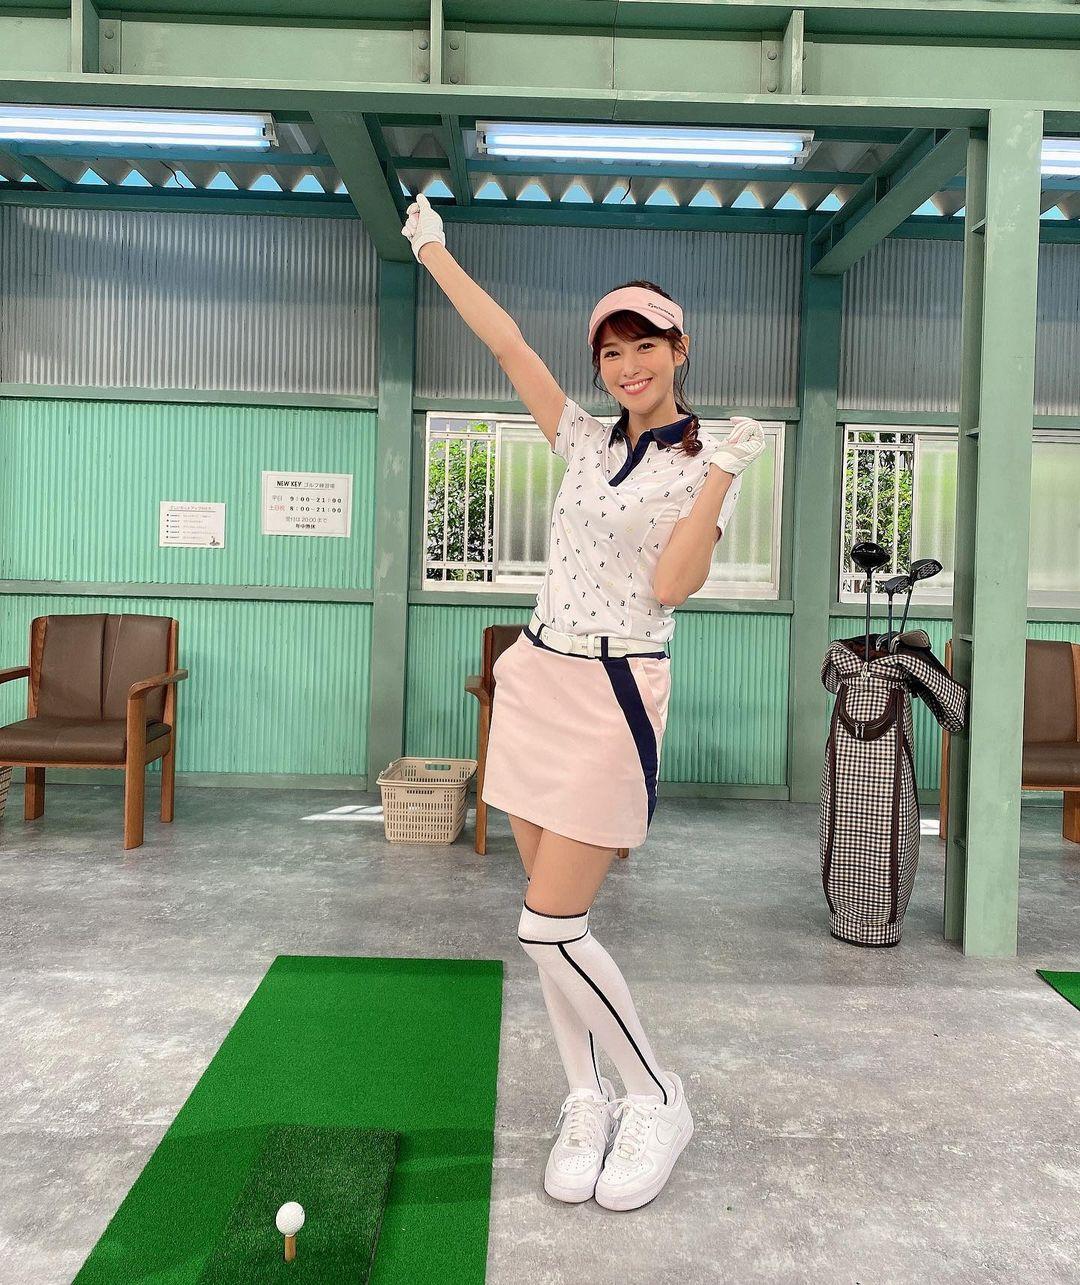 鷲見玲奈 エロいゴルフウェアでエロいコントキャプ・エロ画像9